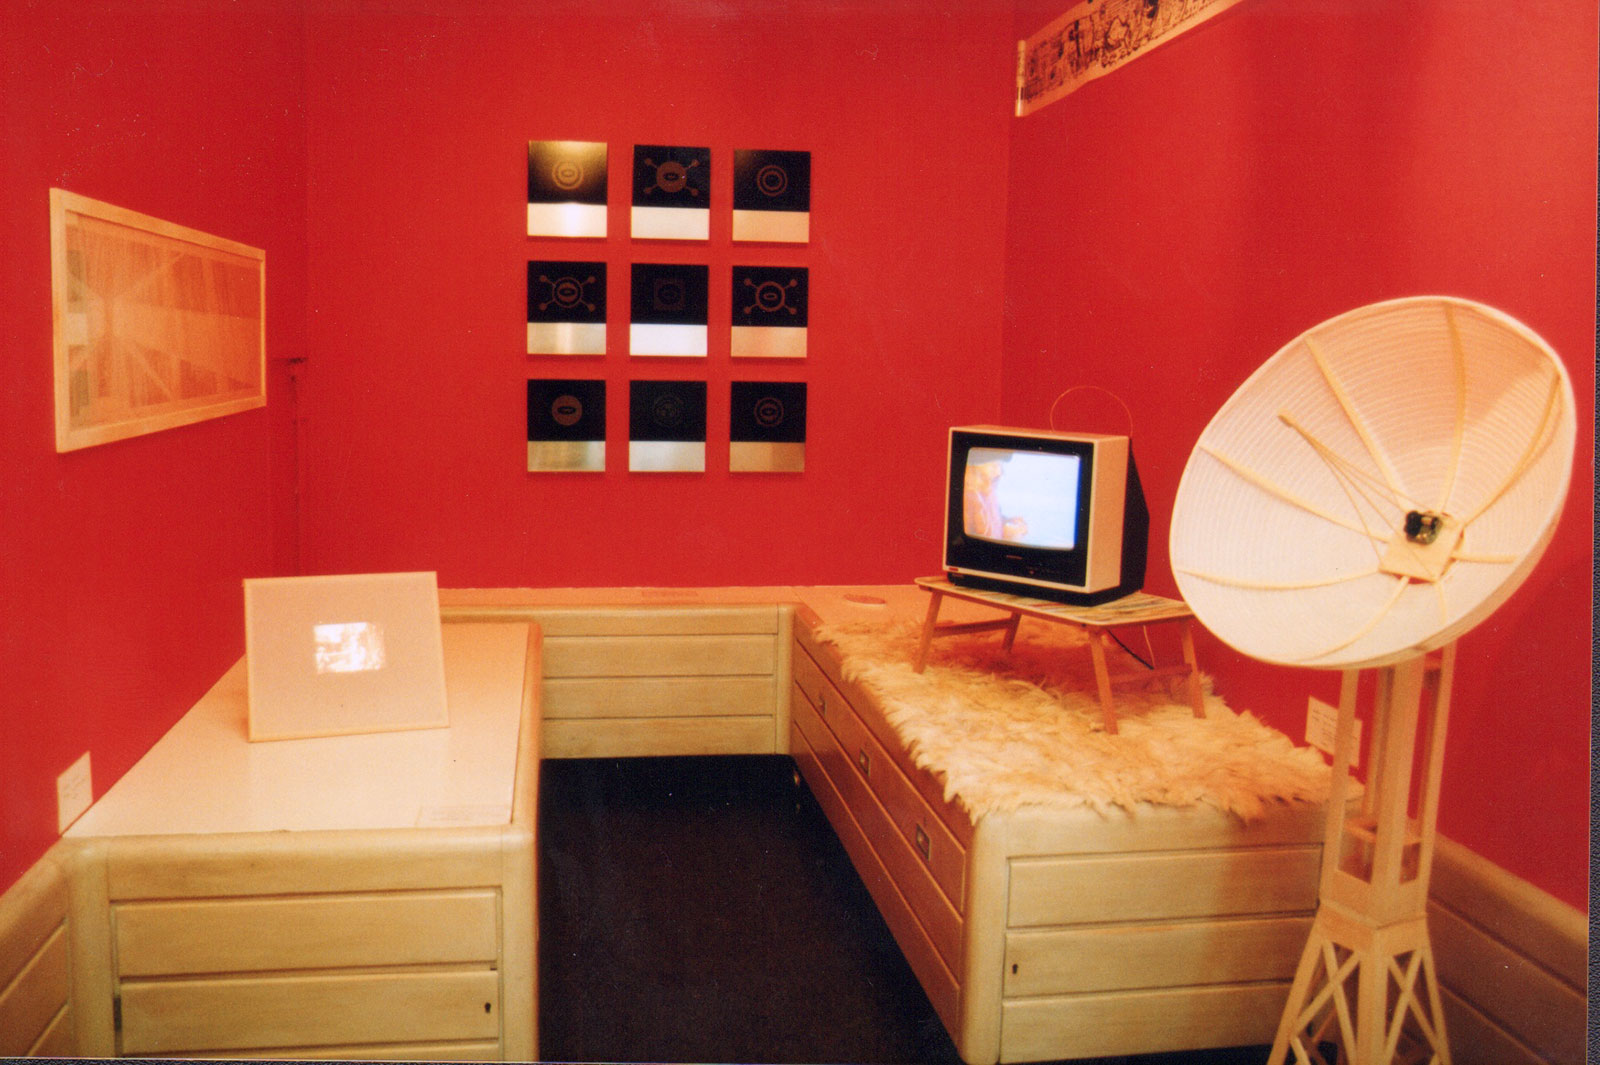 Message Sent exhibition 1